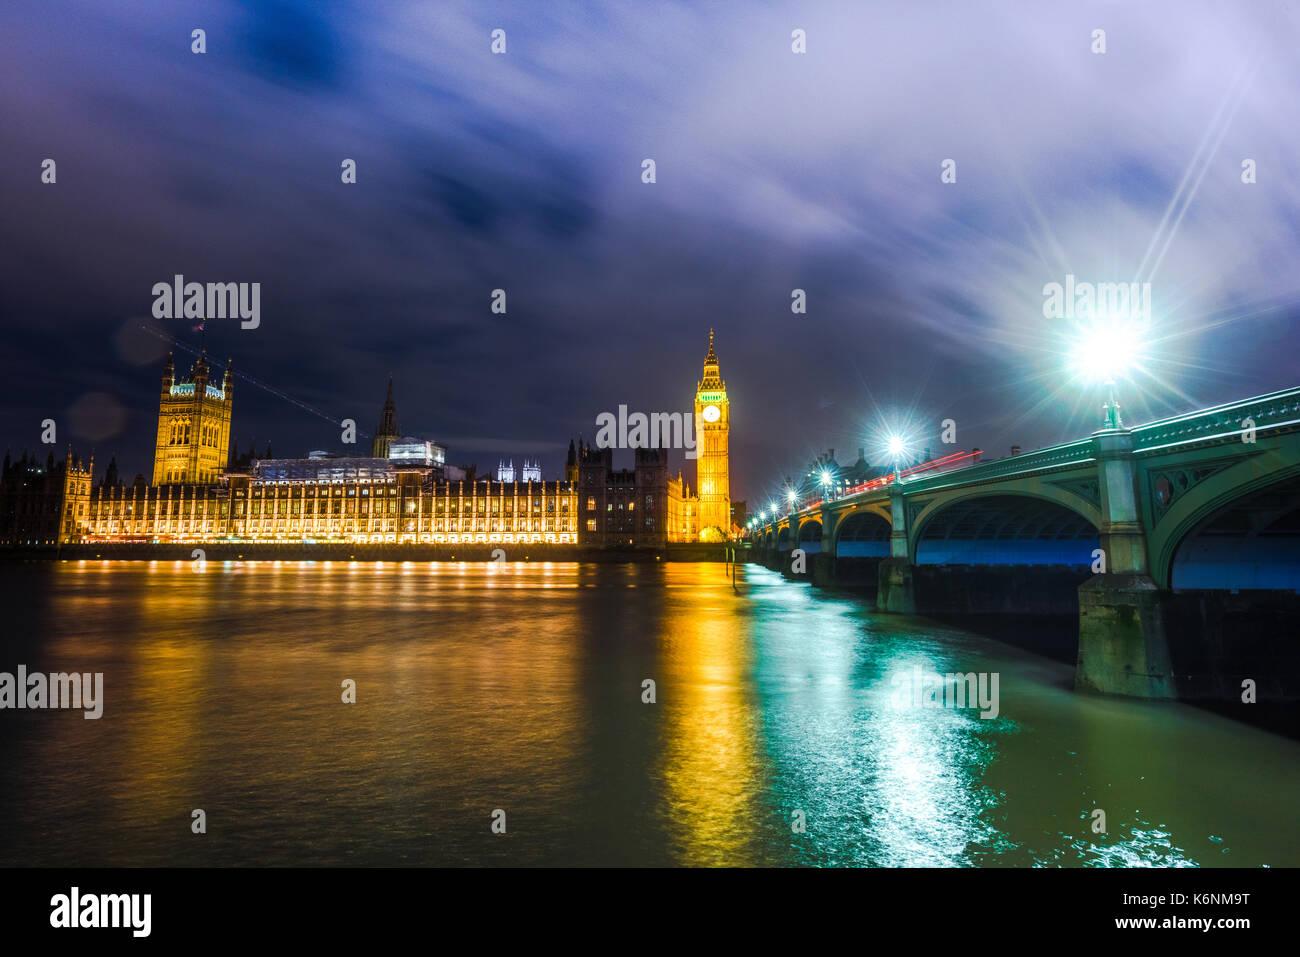 El Big Ben y las Casas del Parlamento, Londres, Reino Unido. Imagen De Stock